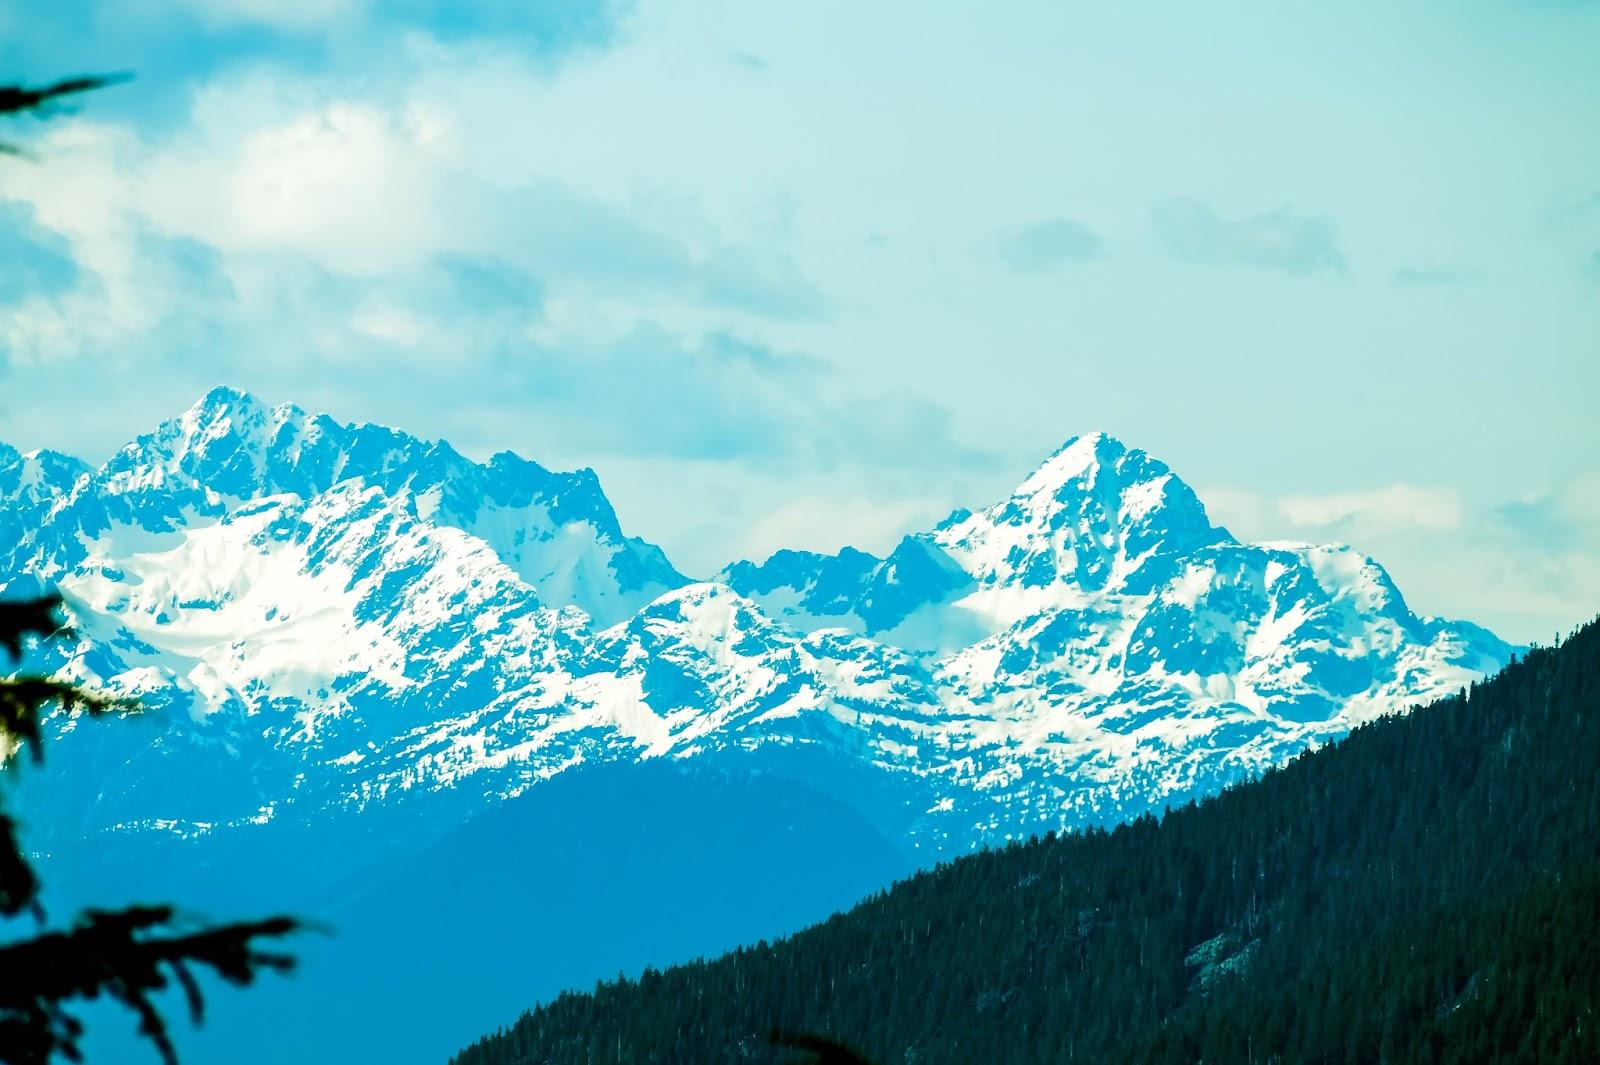 горы Альфа (справа) и Тантал (слева)